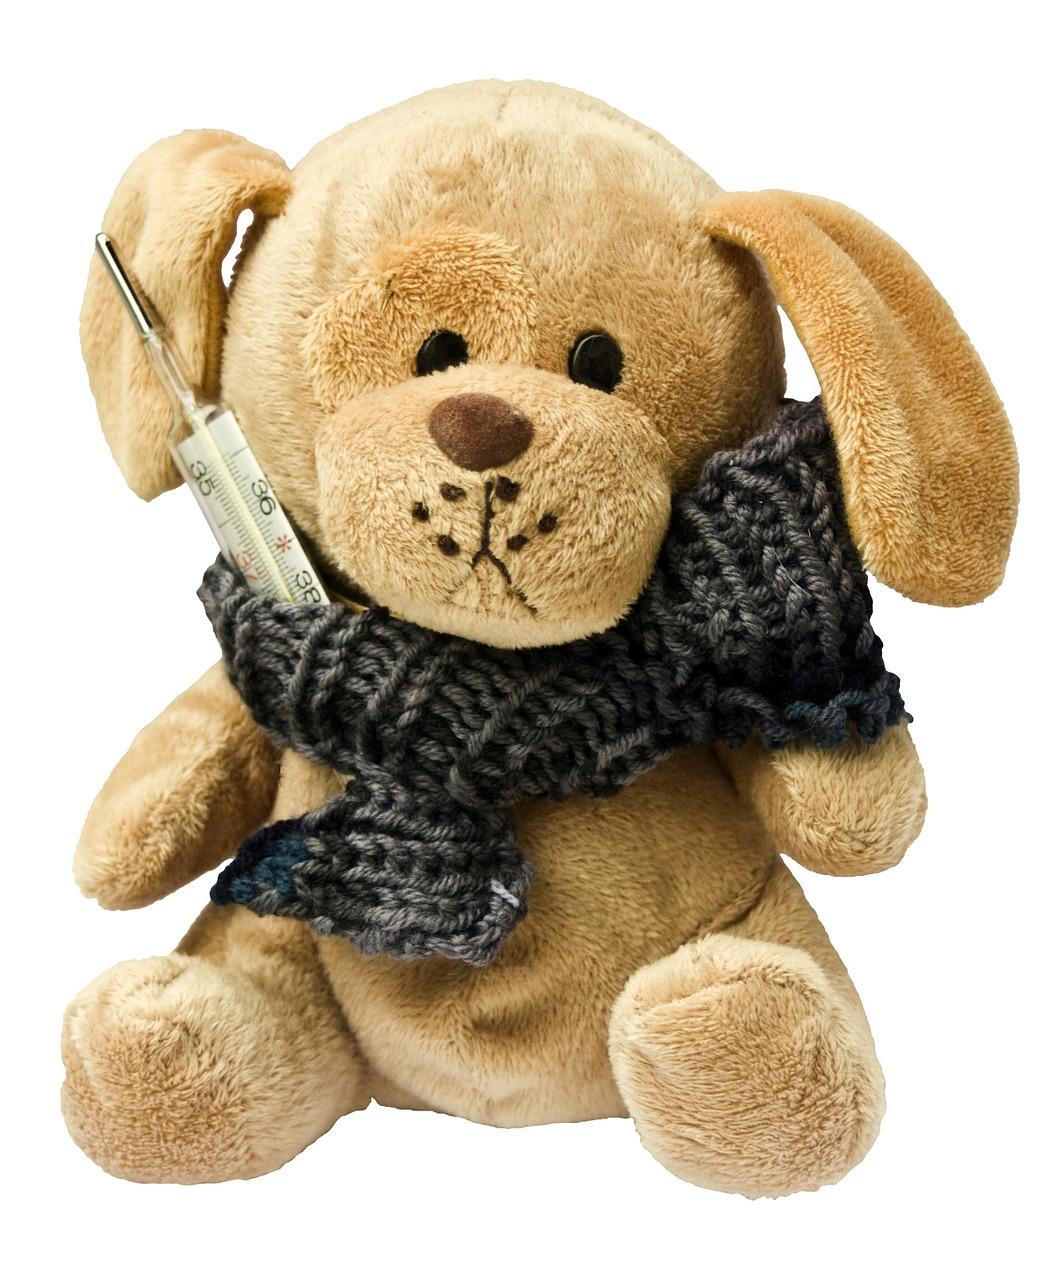 teddy-242878_1280.jpg